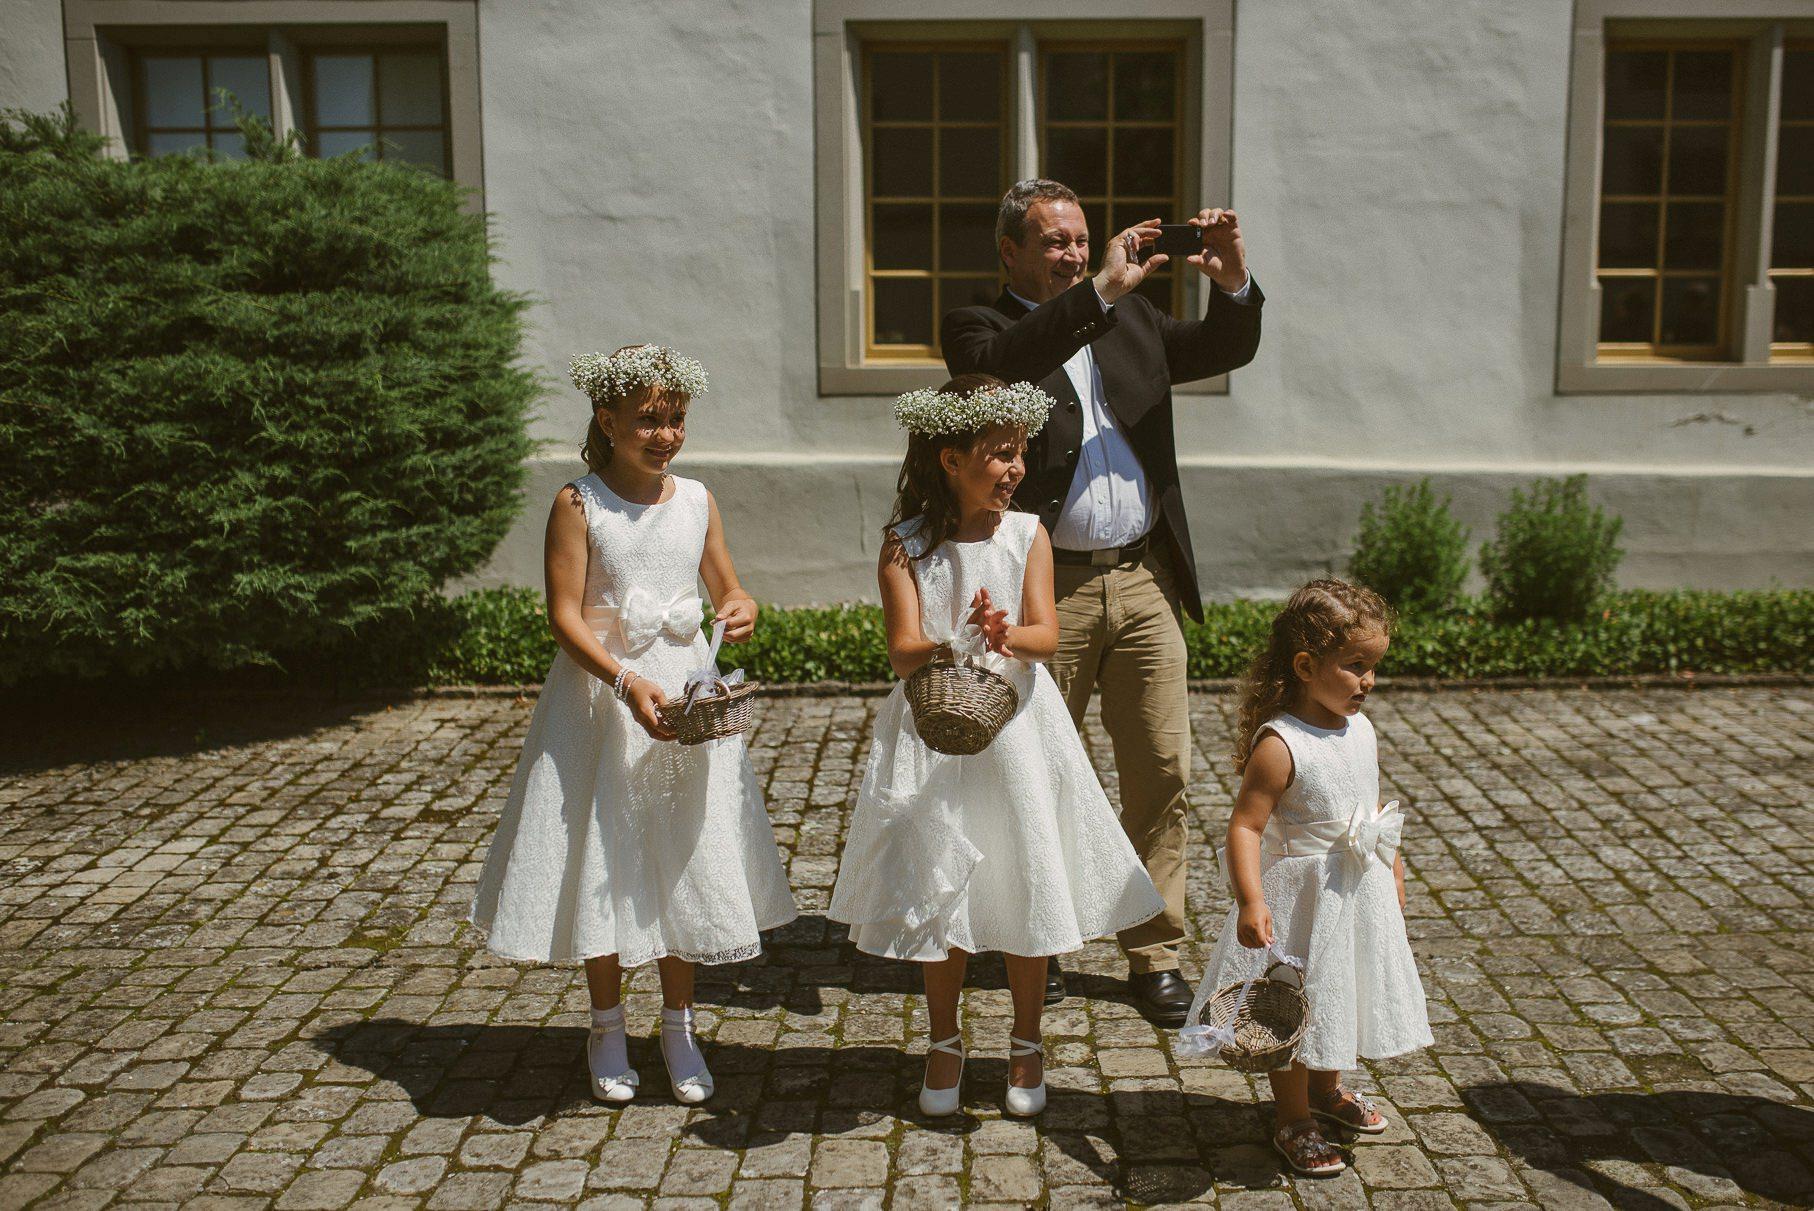 0058 anne und bjoern hochzeit schweiz d75 0293 - DIY Hochzeit in der Schweiz - Sabrina & Christoph